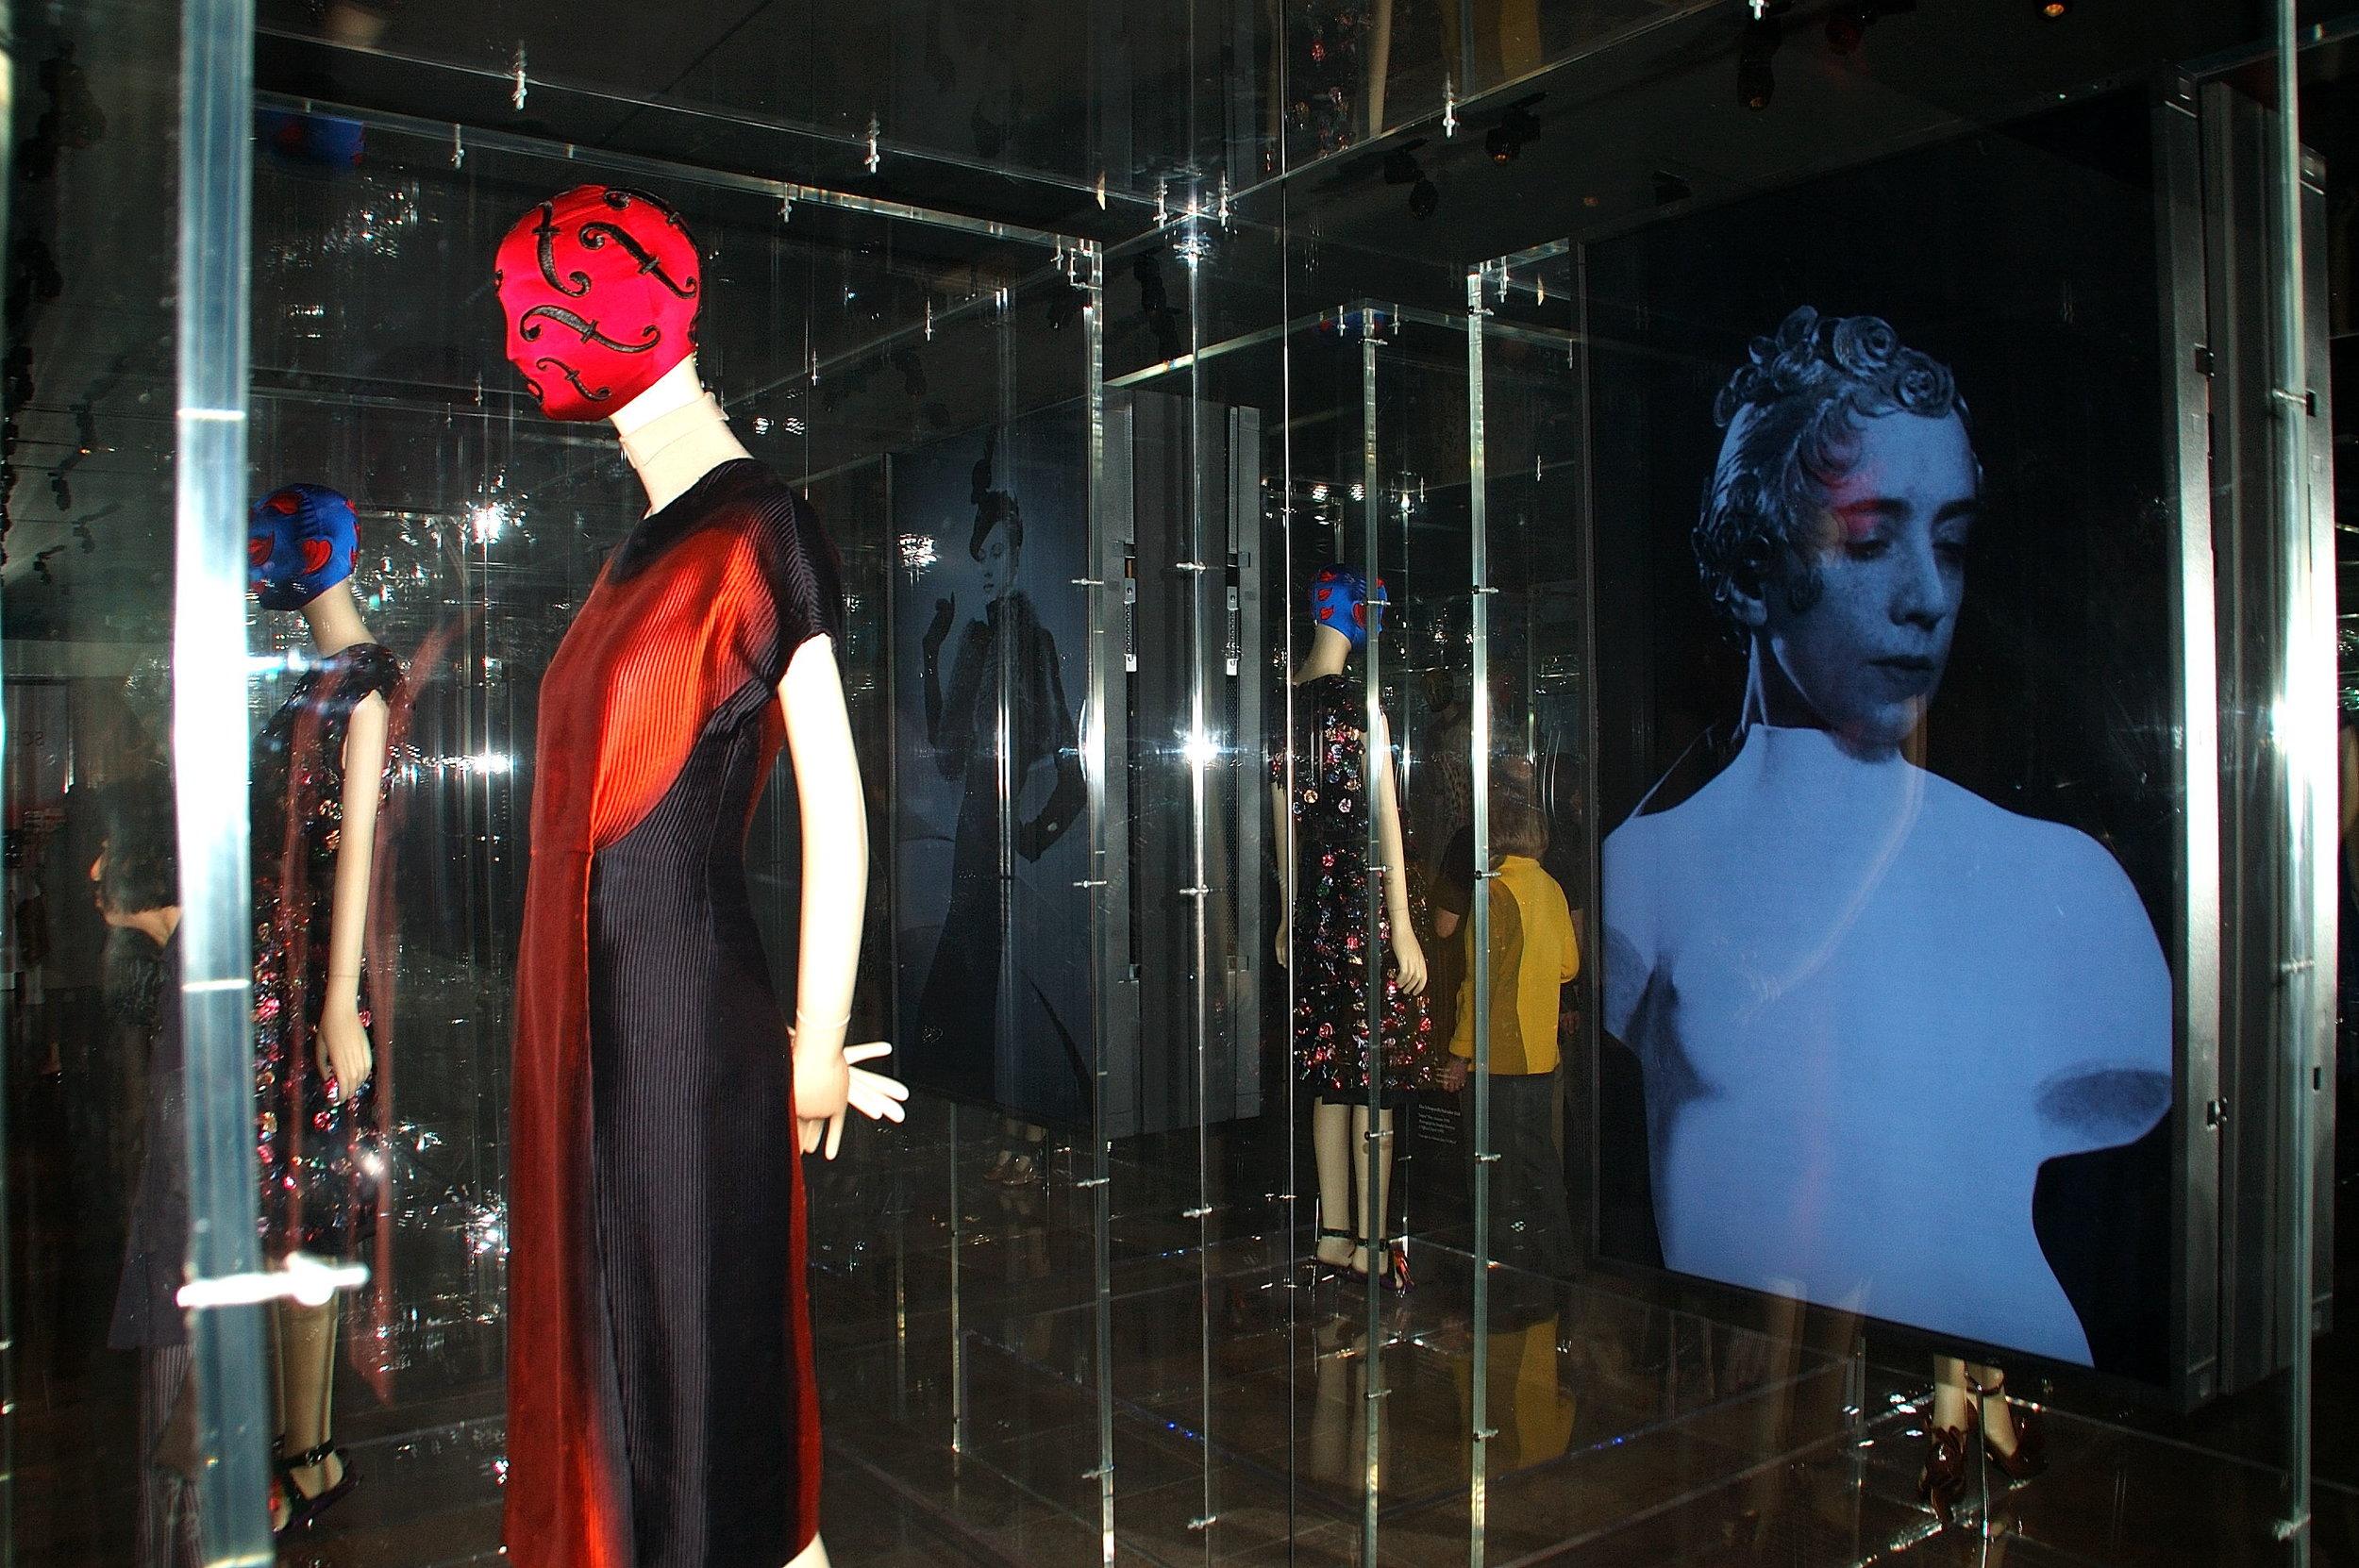 Prada dress with Schiaparelli image